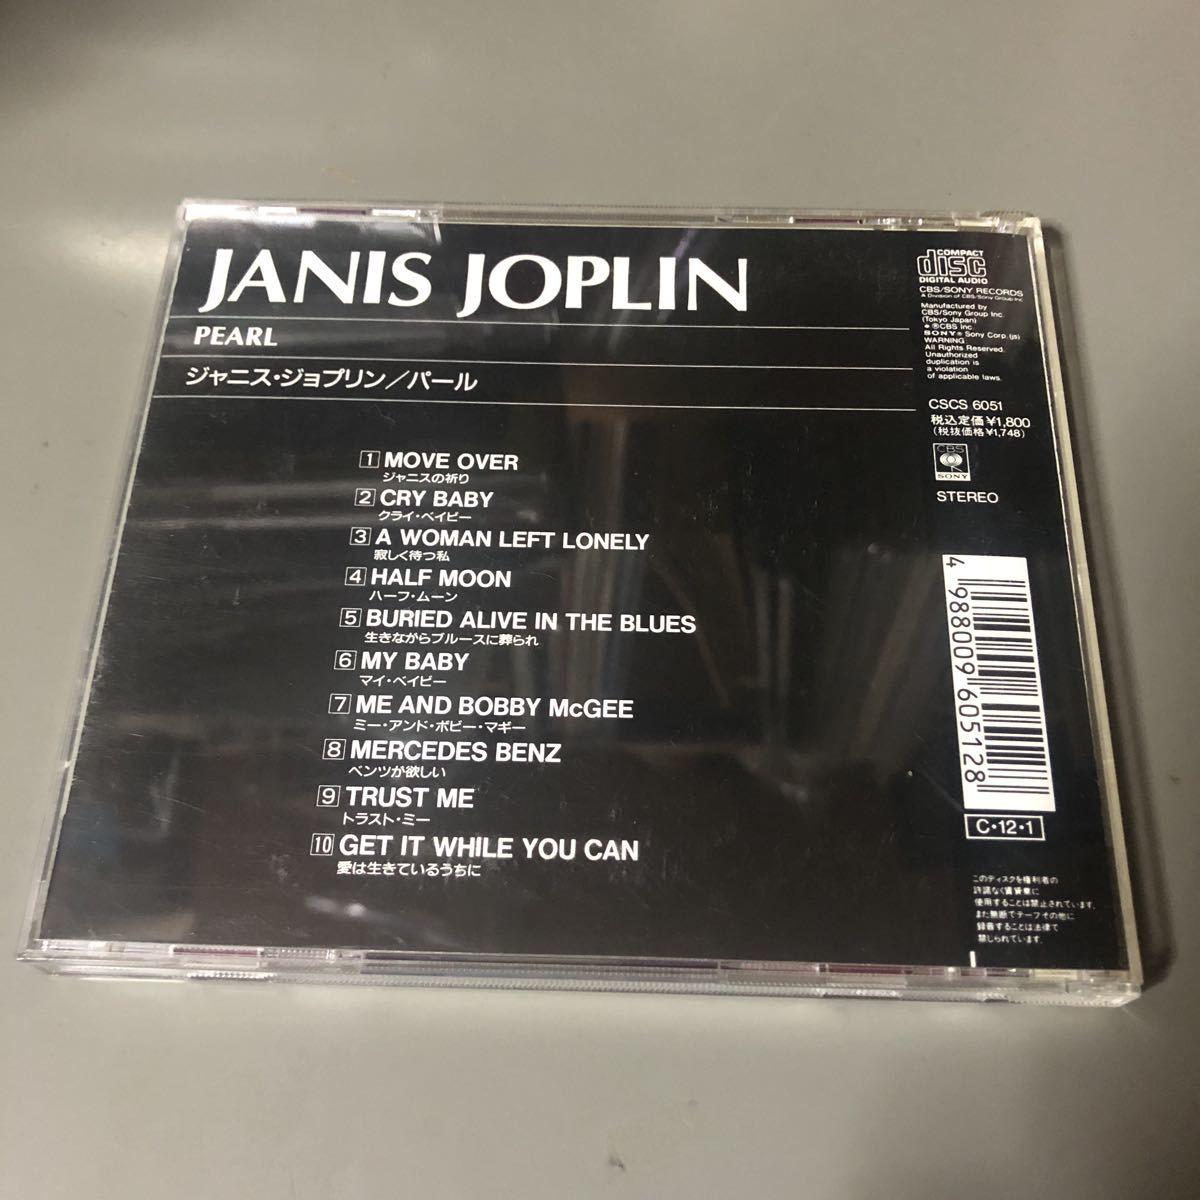 ジャニス・ジョプリン パール 国内盤CD